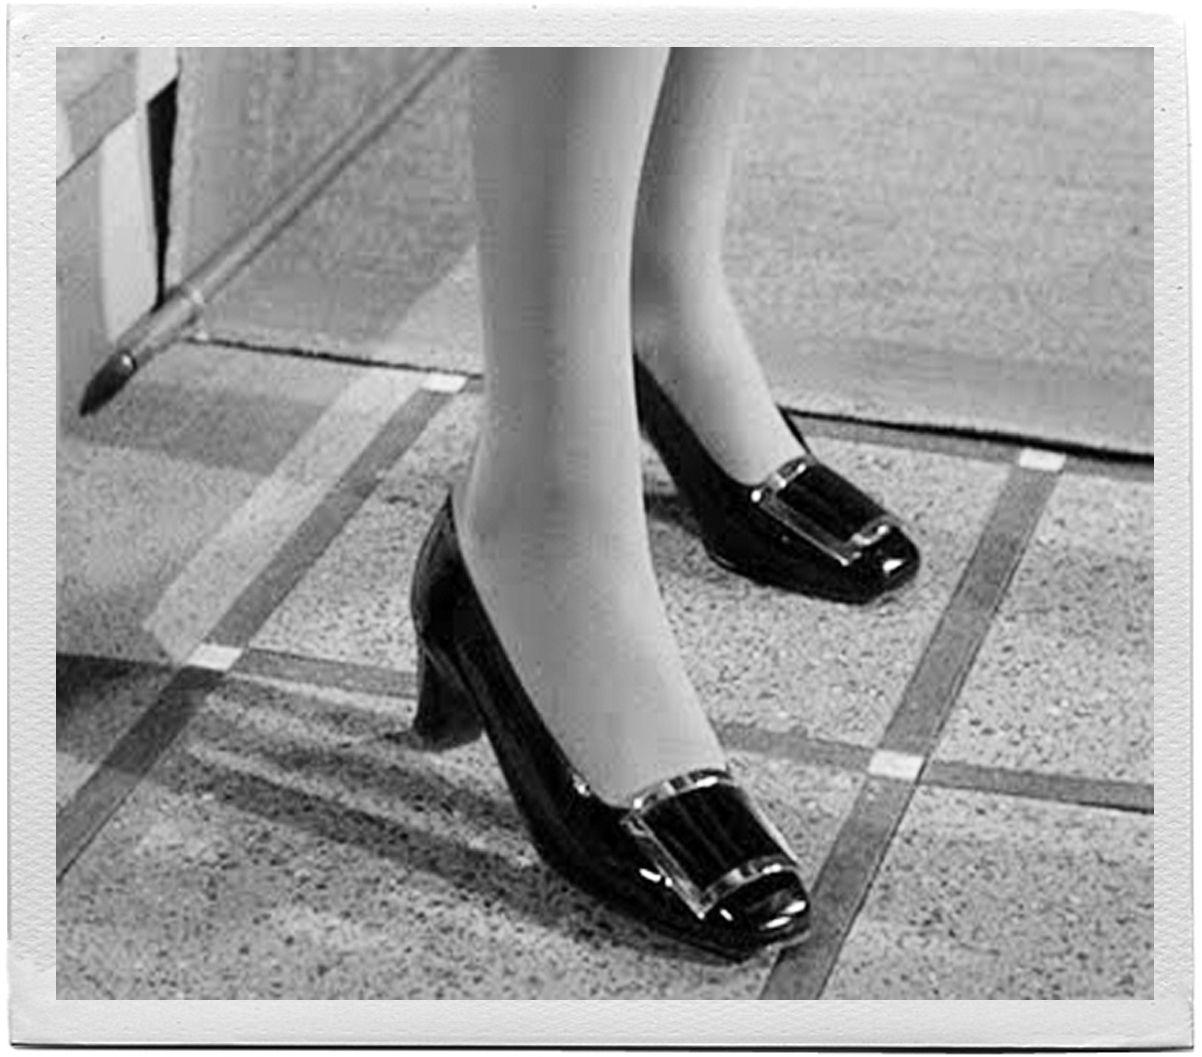 Personne n'a oublié les escarpins à l'empeigne garnie de la célèbre boucle d'argent que Catherine Deneuve, dans «Belle de jour» de Luis Buñuel en 1967, n'ôtait que pour la bagatelle